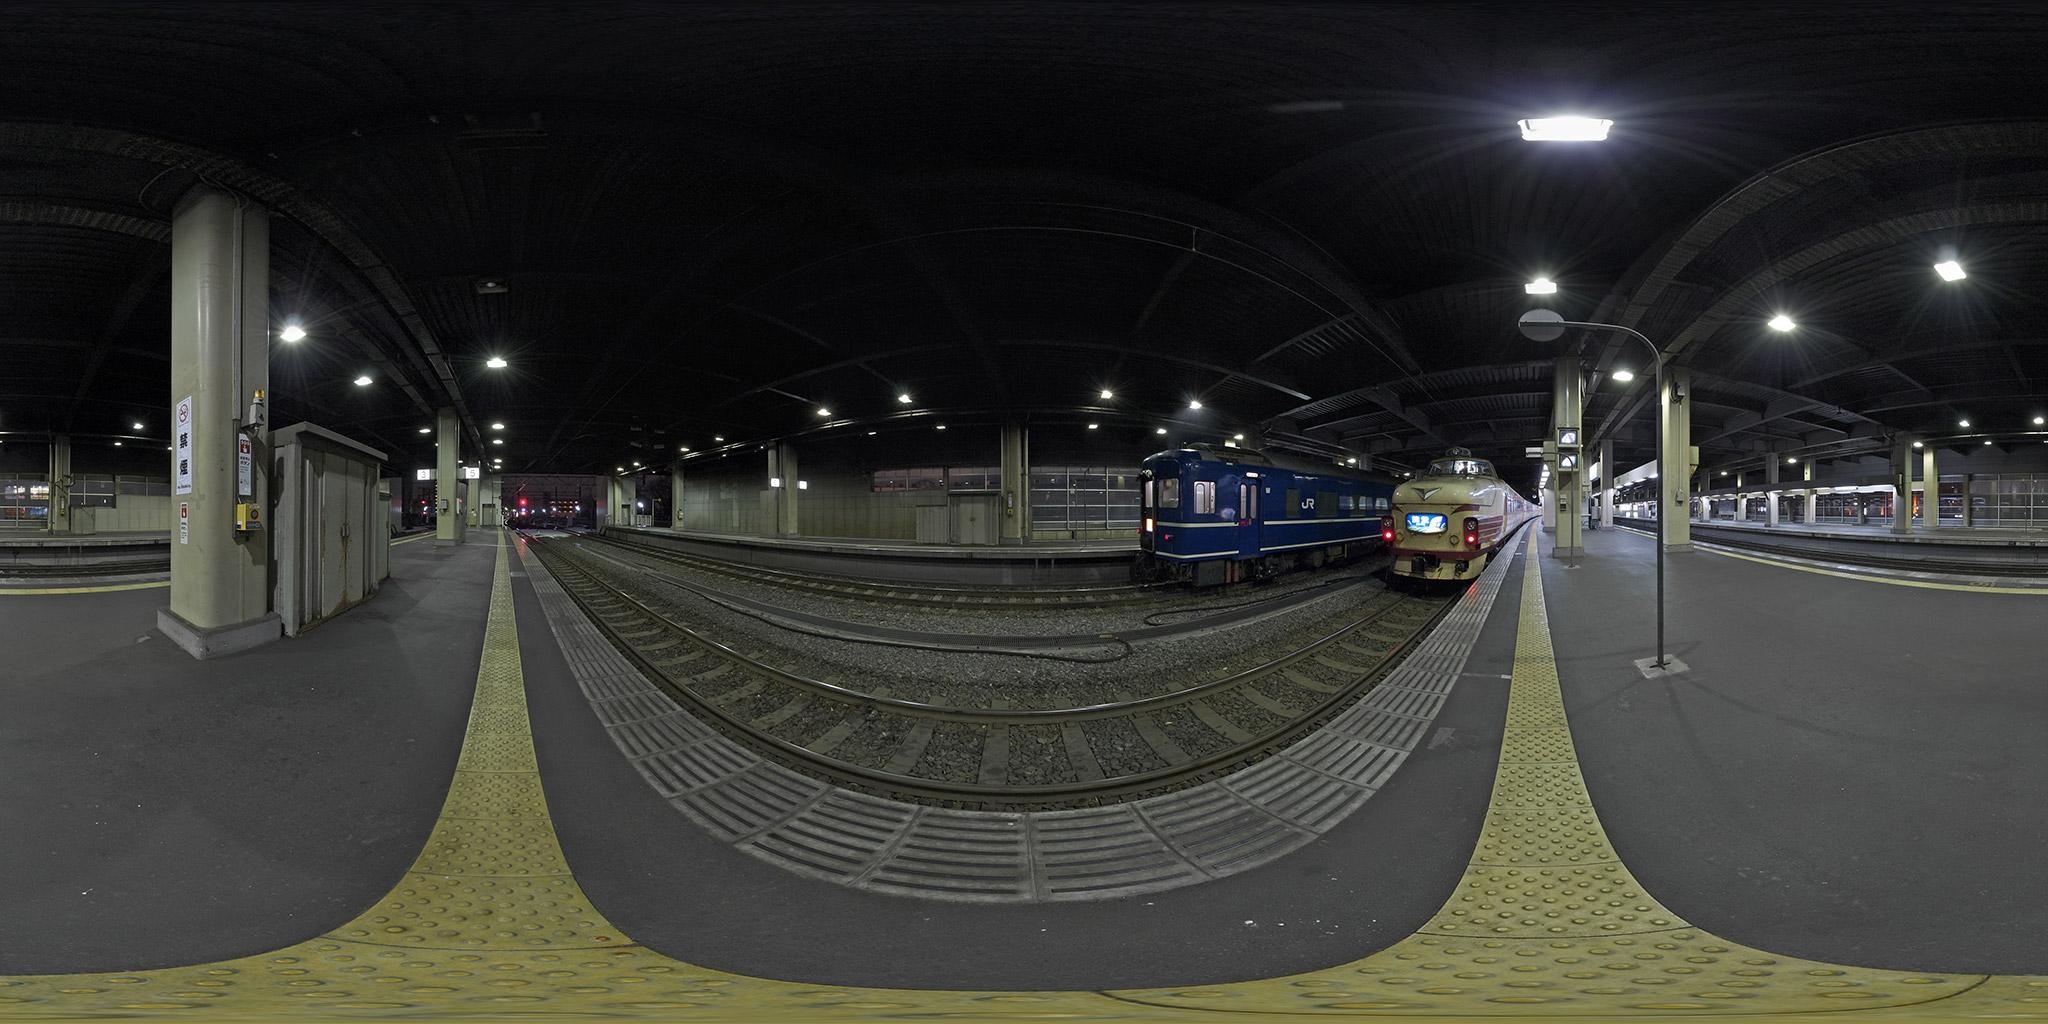 金沢駅に並ぶ「能登」と「北陸」